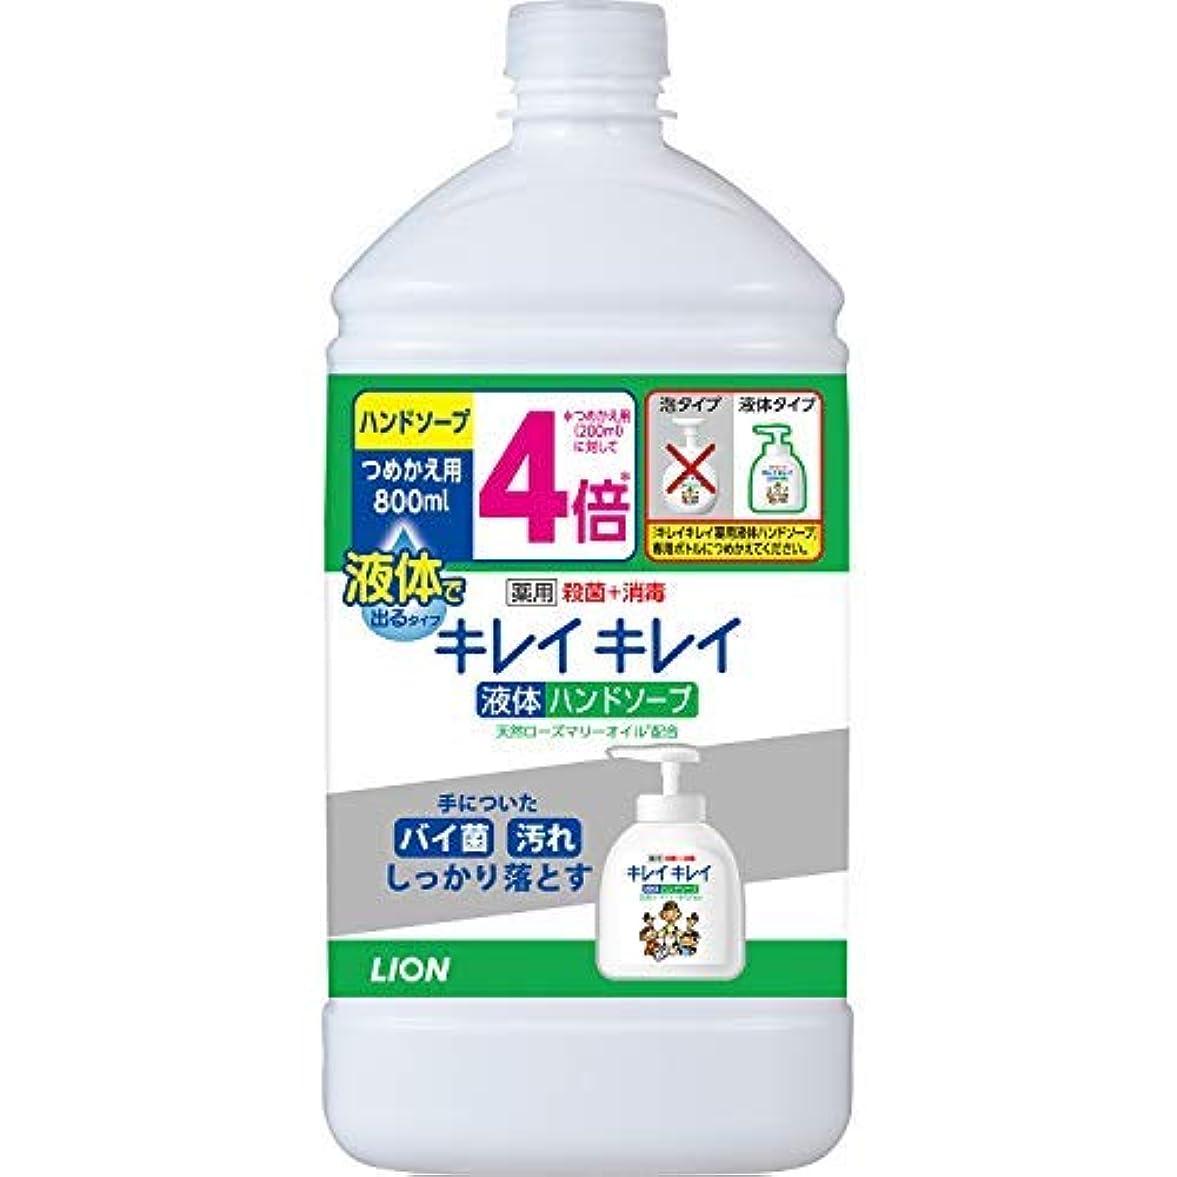 銀行検出するお風呂を持っているキレイキレイ 薬用液体ハンドソープ つめかえ用特大サイズシトラスフルーテイ × 2個セット